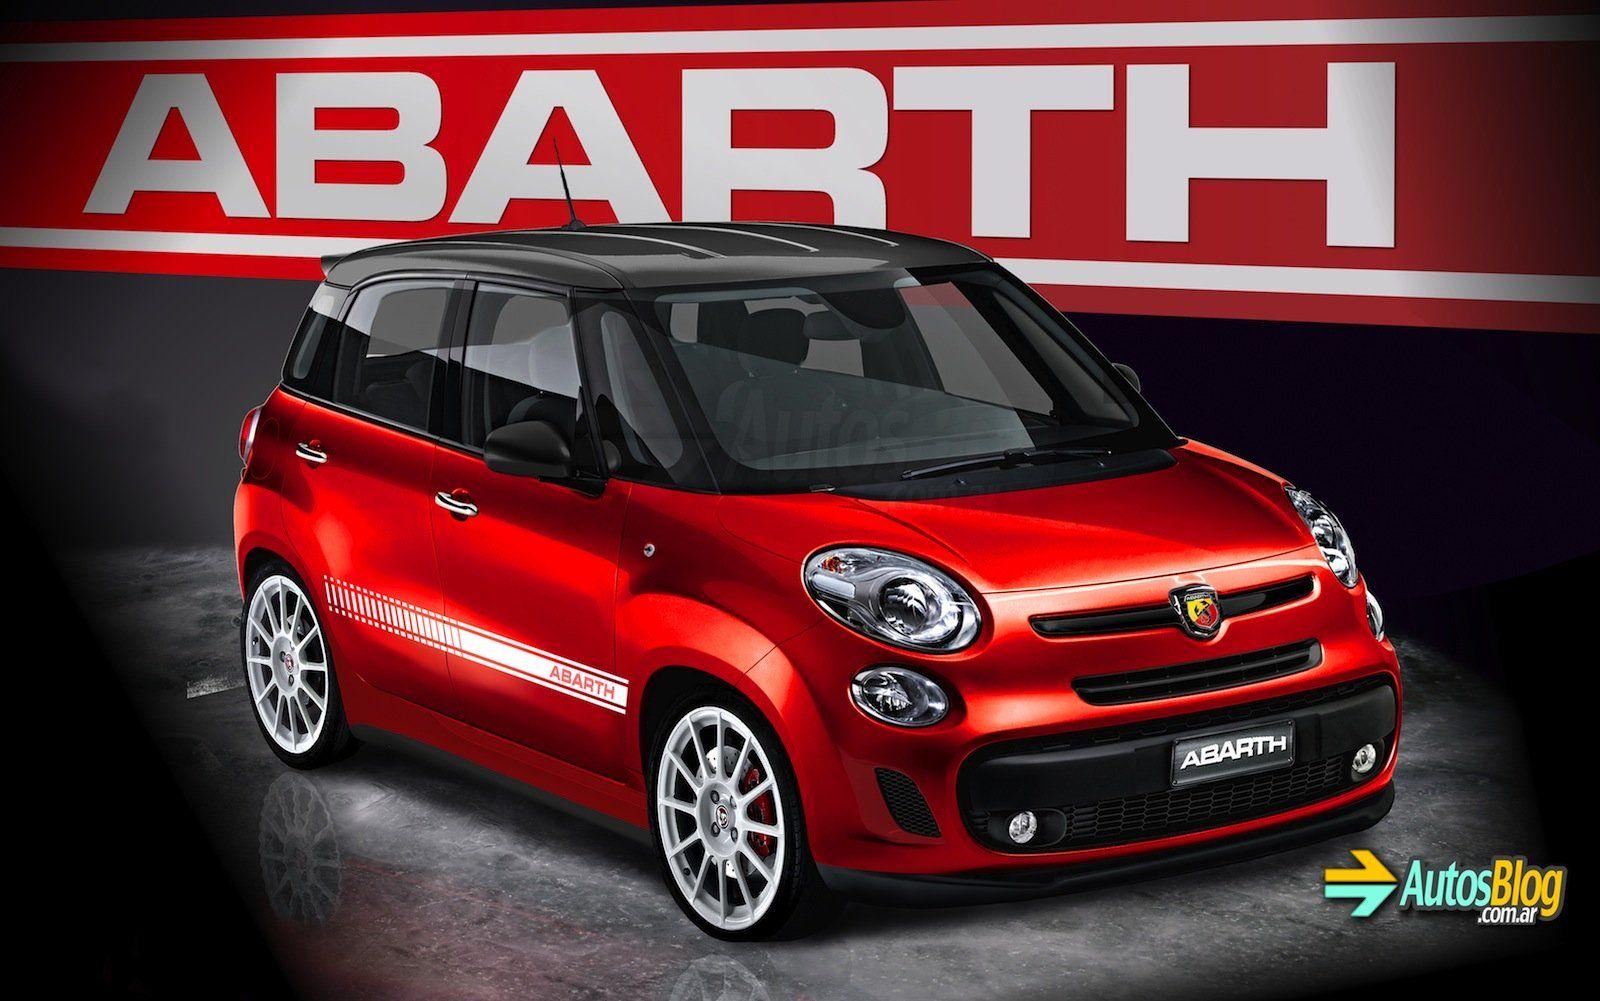 Fiat 500L Abarth #fiat   Fiat   Pinterest   Fiat 500l, Fiat and Fiat